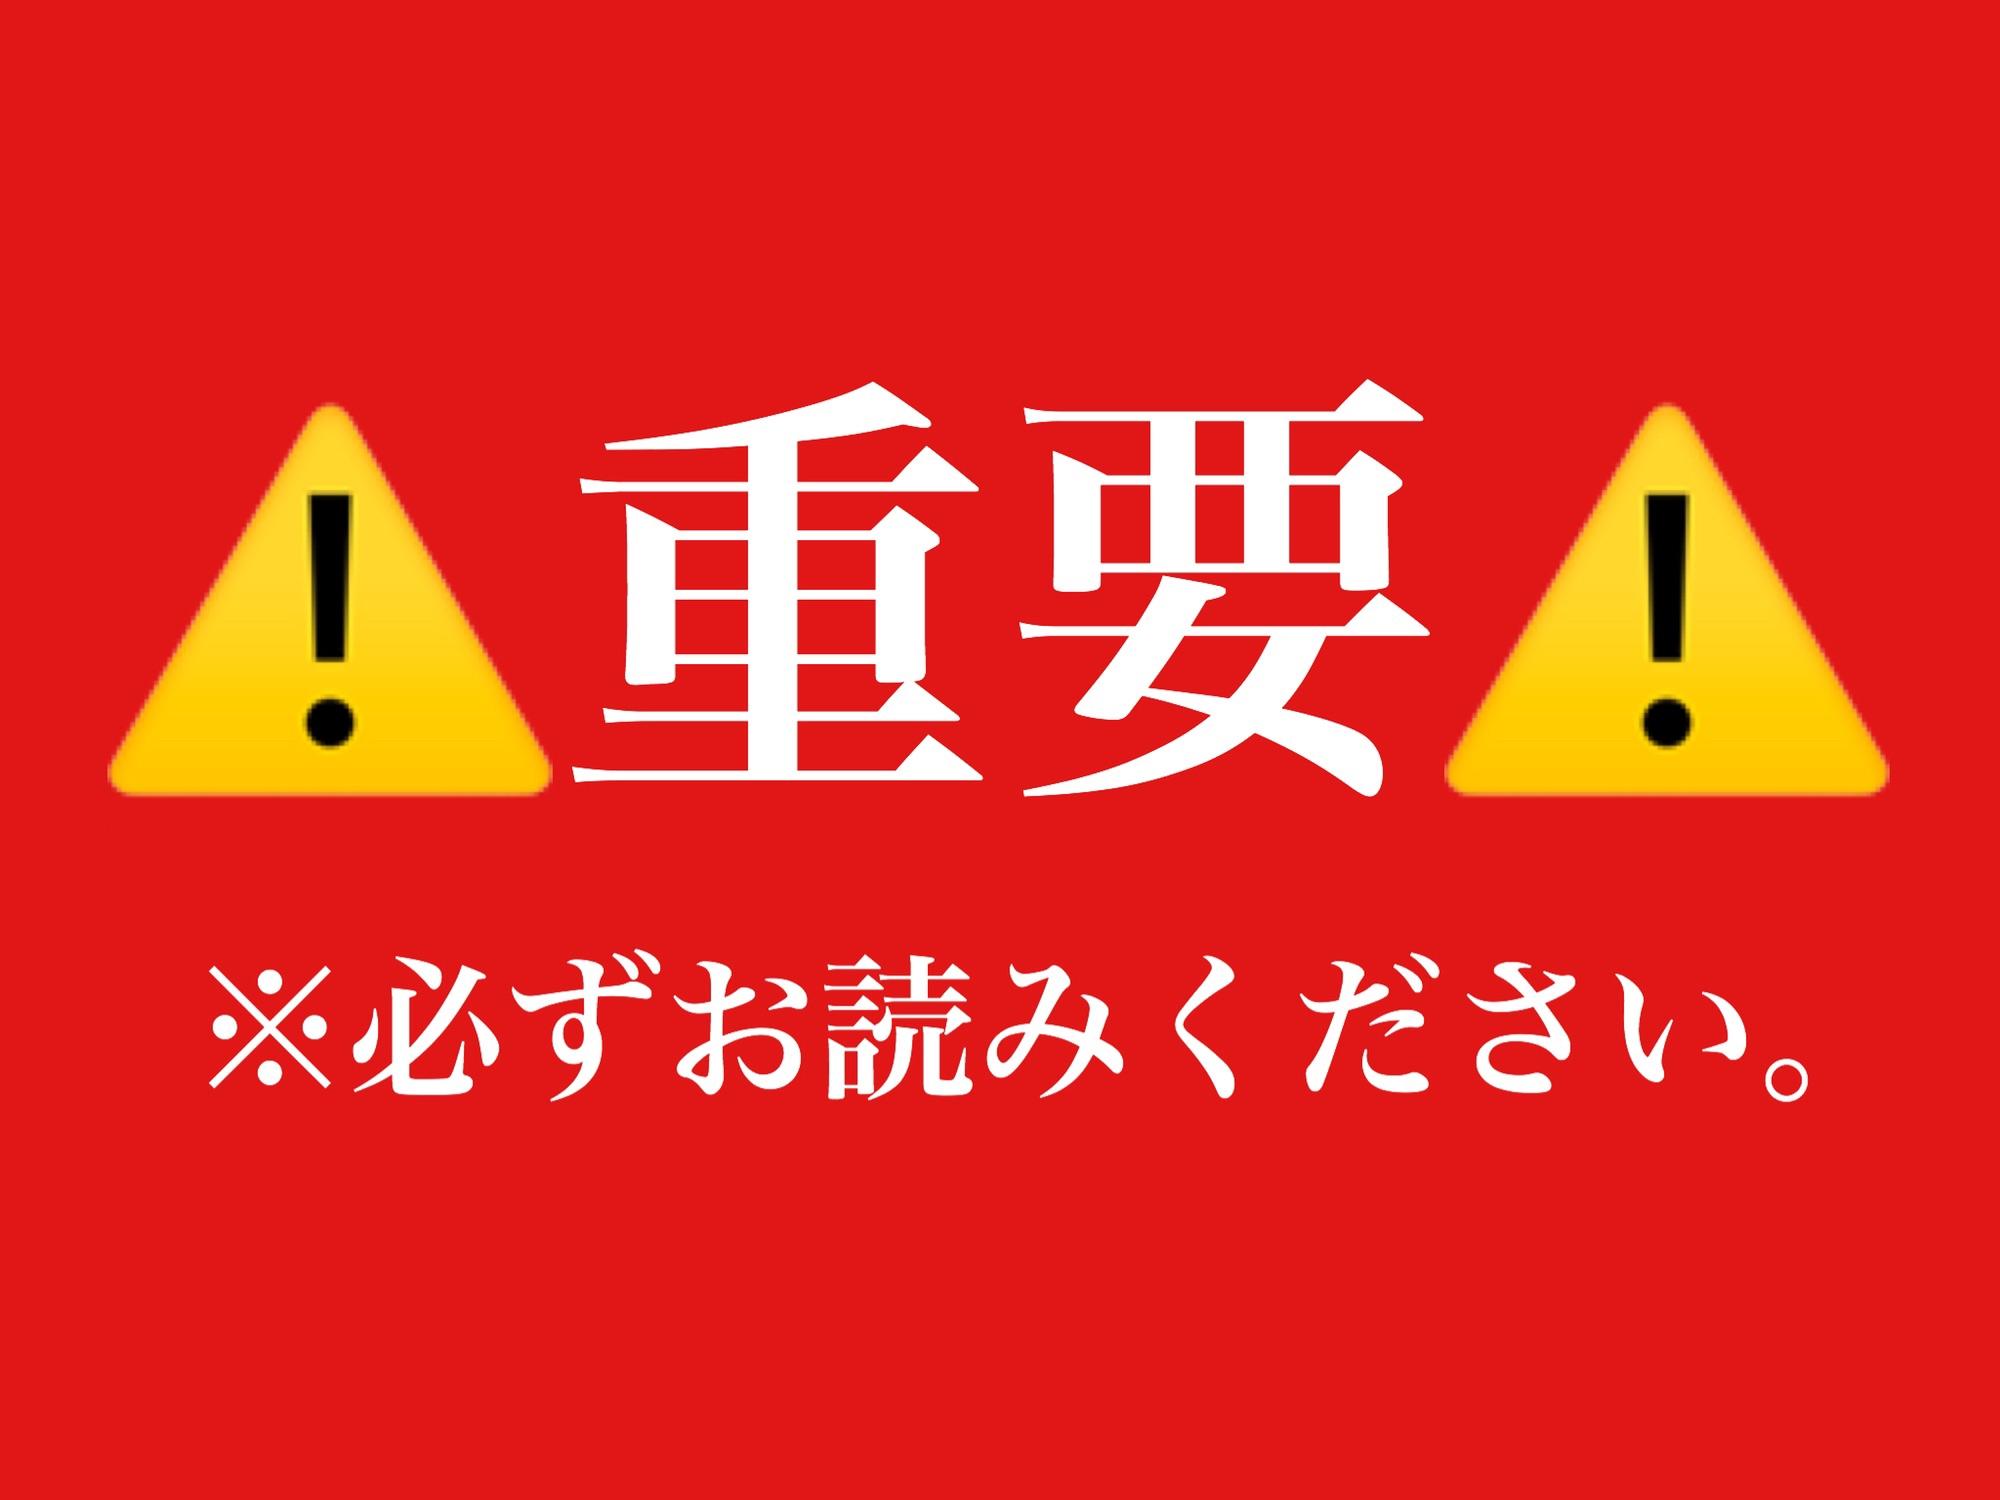 大学 総合 高崎 未来